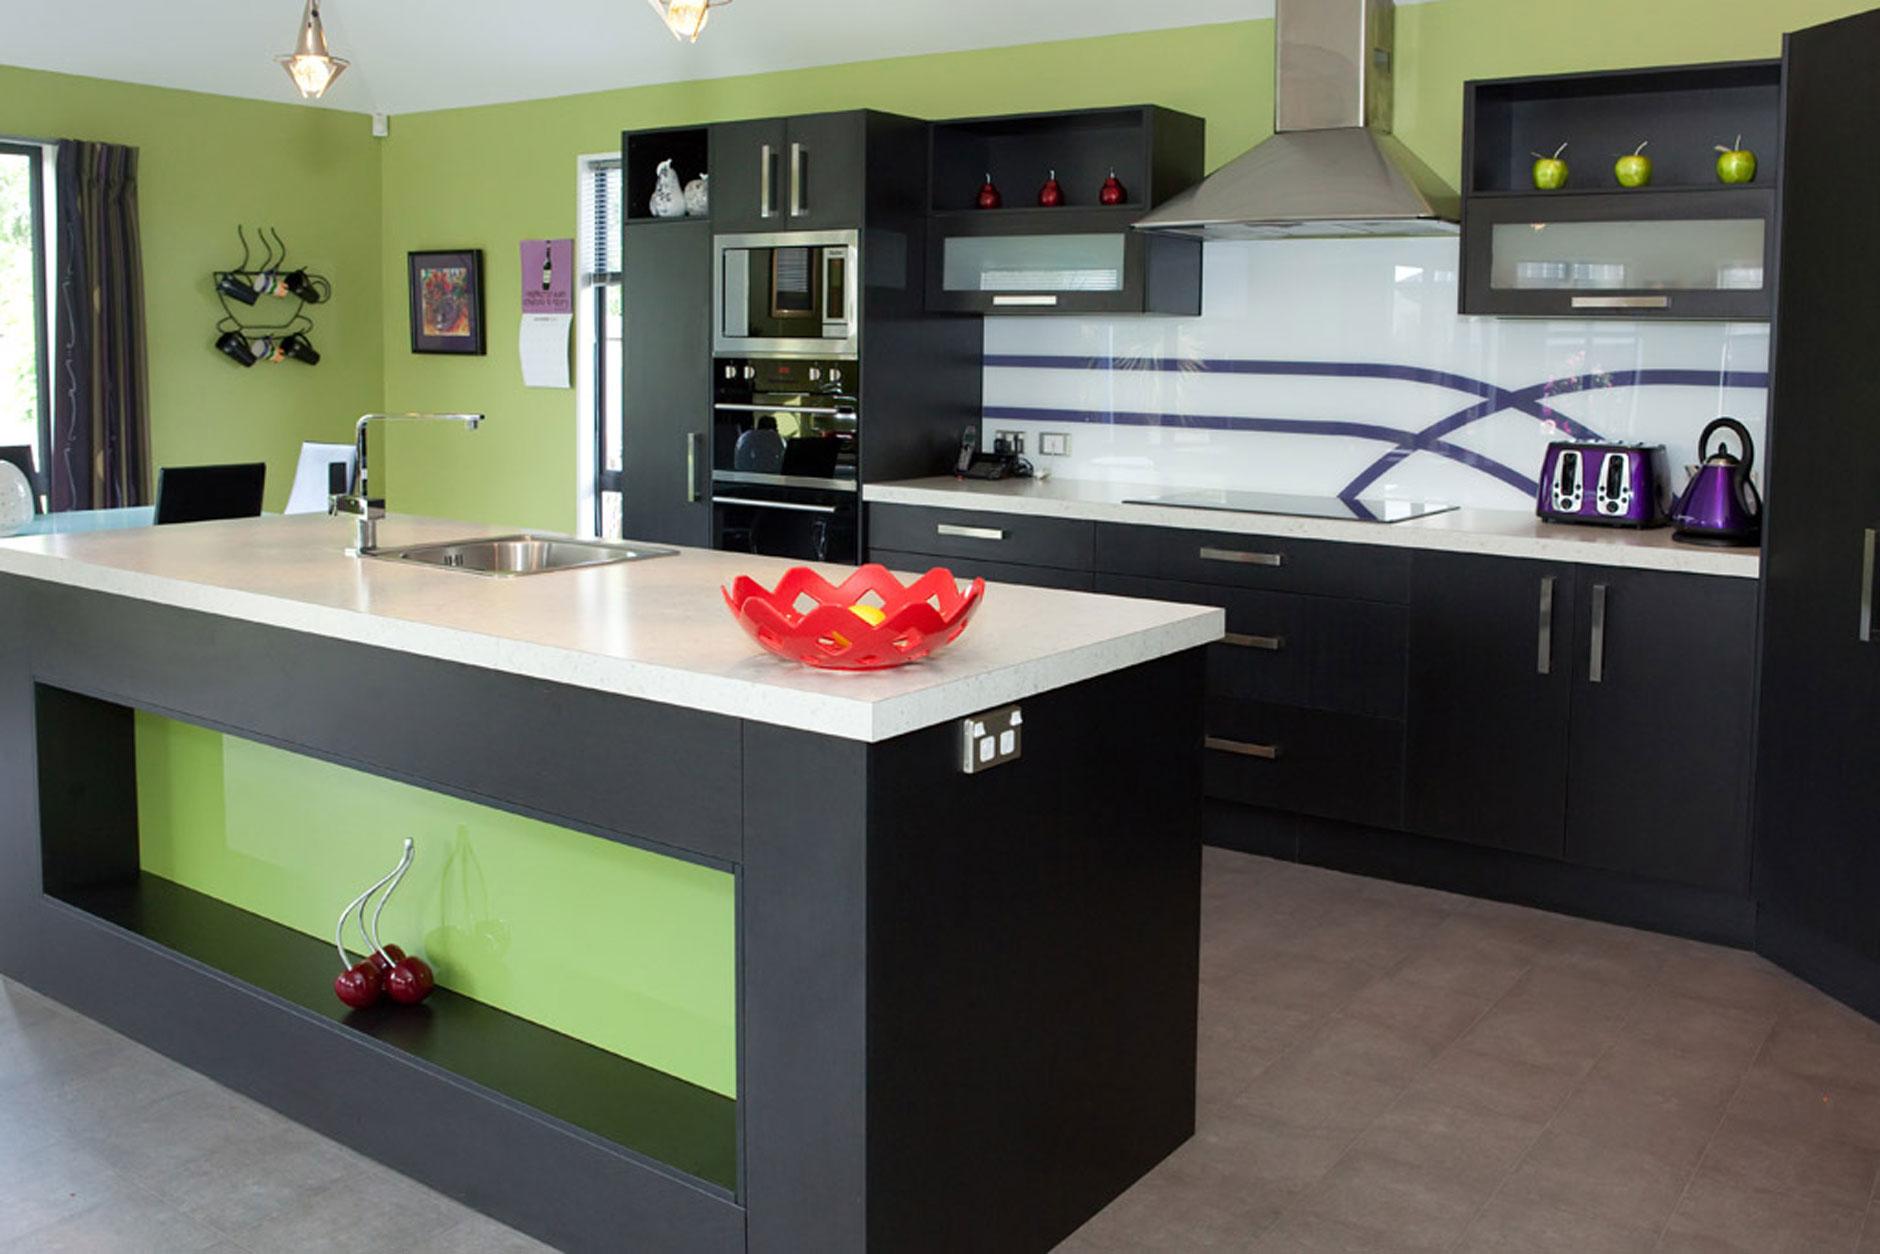 Desain dan Motif Keramik Lantai Dapur Yang Menarik